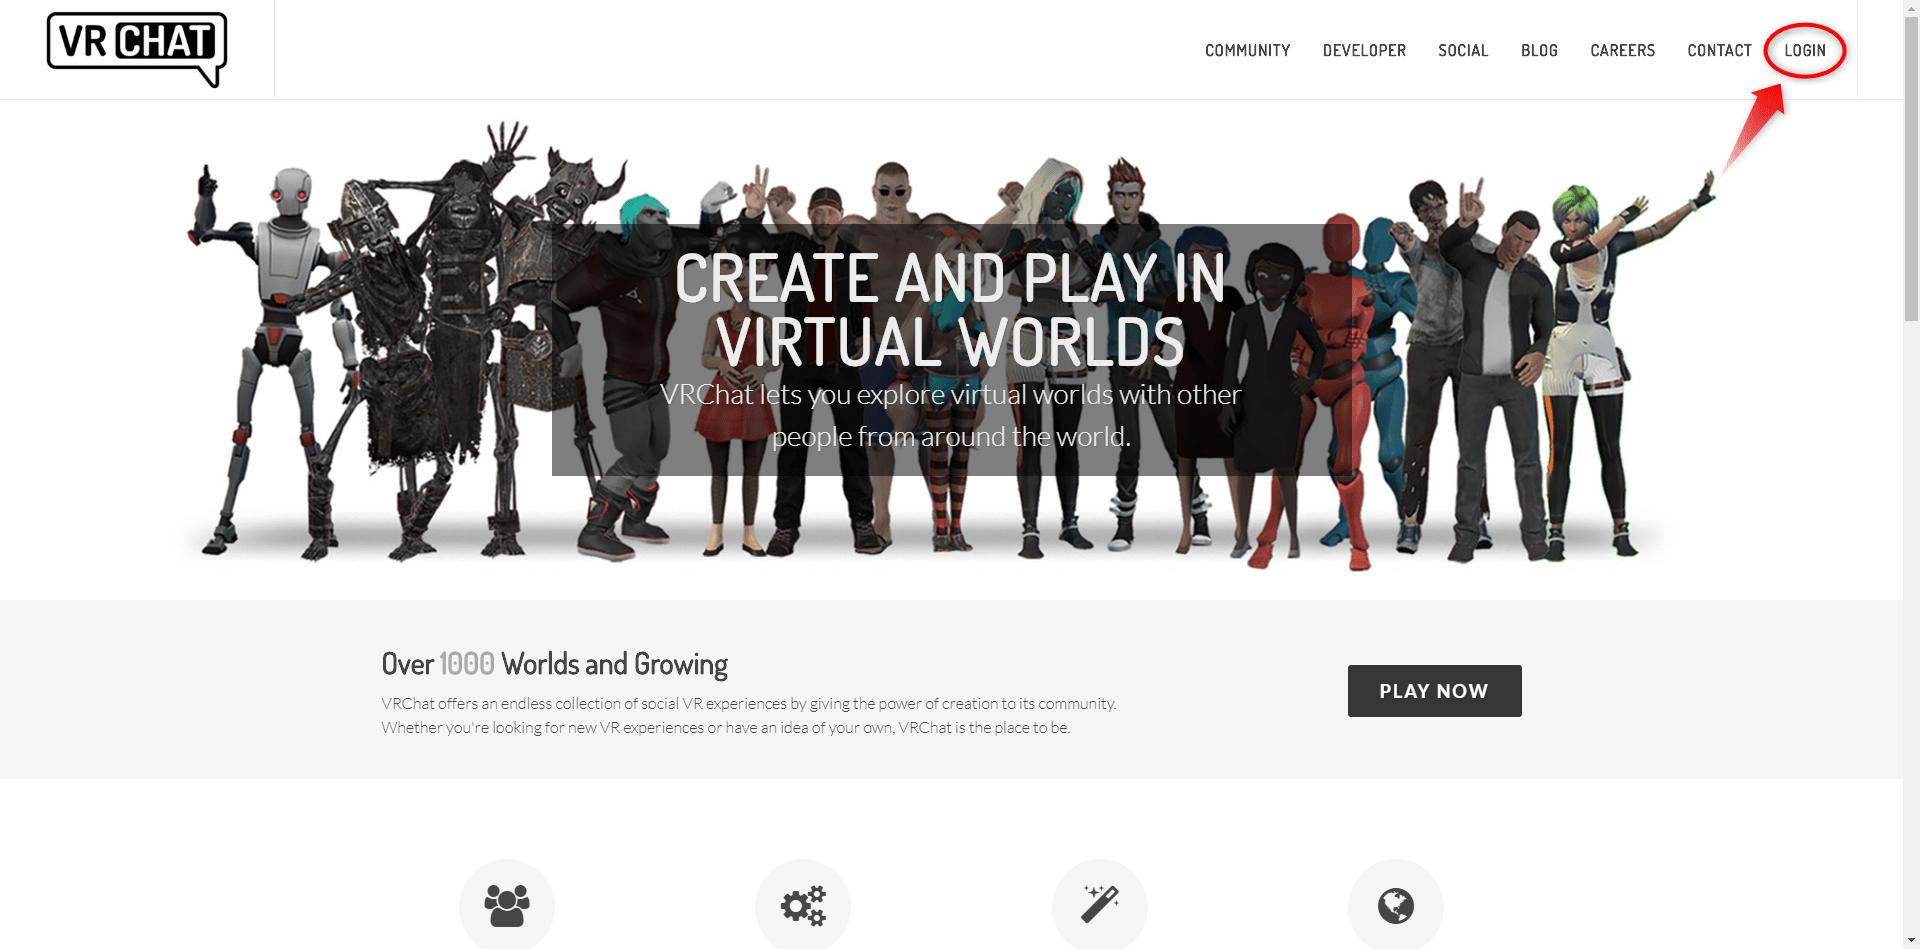 VRChatの公式サイトの様子